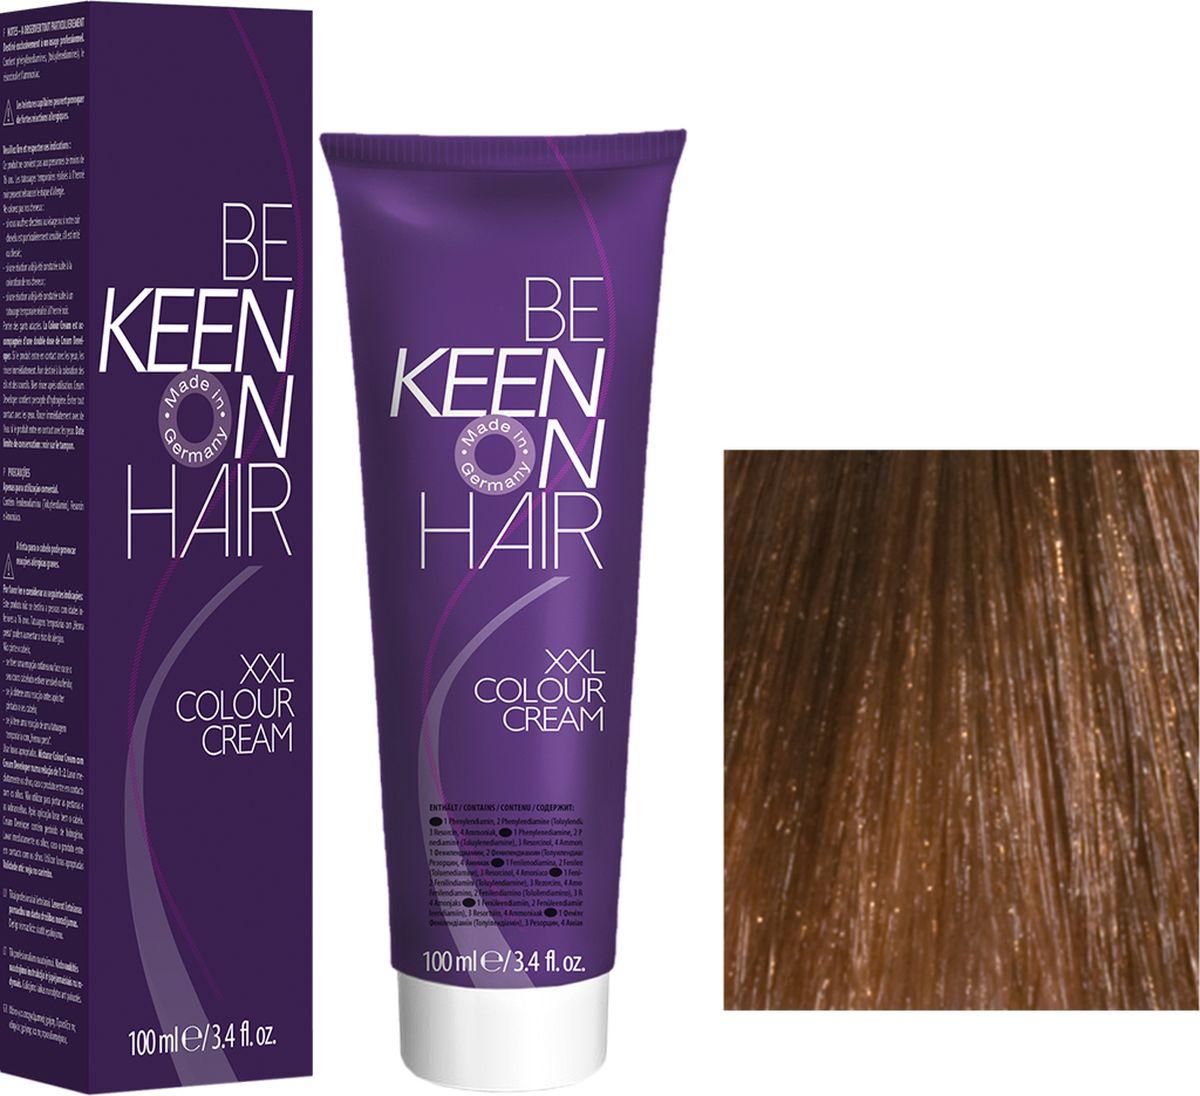 Keen Краска для волос 7.3 Натуральный золотистый блондин Mittelblond Gold, 100 мл69100056Модные оттенкиБолее 100 оттенков для креативной комбинации цветов.ЭкономичностьПри использовании тюбика 100 мл вы получаете оптимальное соотношение цены и качества!УходМолочный белок поддерживает структуру волоса во время окрашивания и придает волосам блеск и шелковистость. Протеины хорошо встраиваются в волосы и снабжают их влагой.